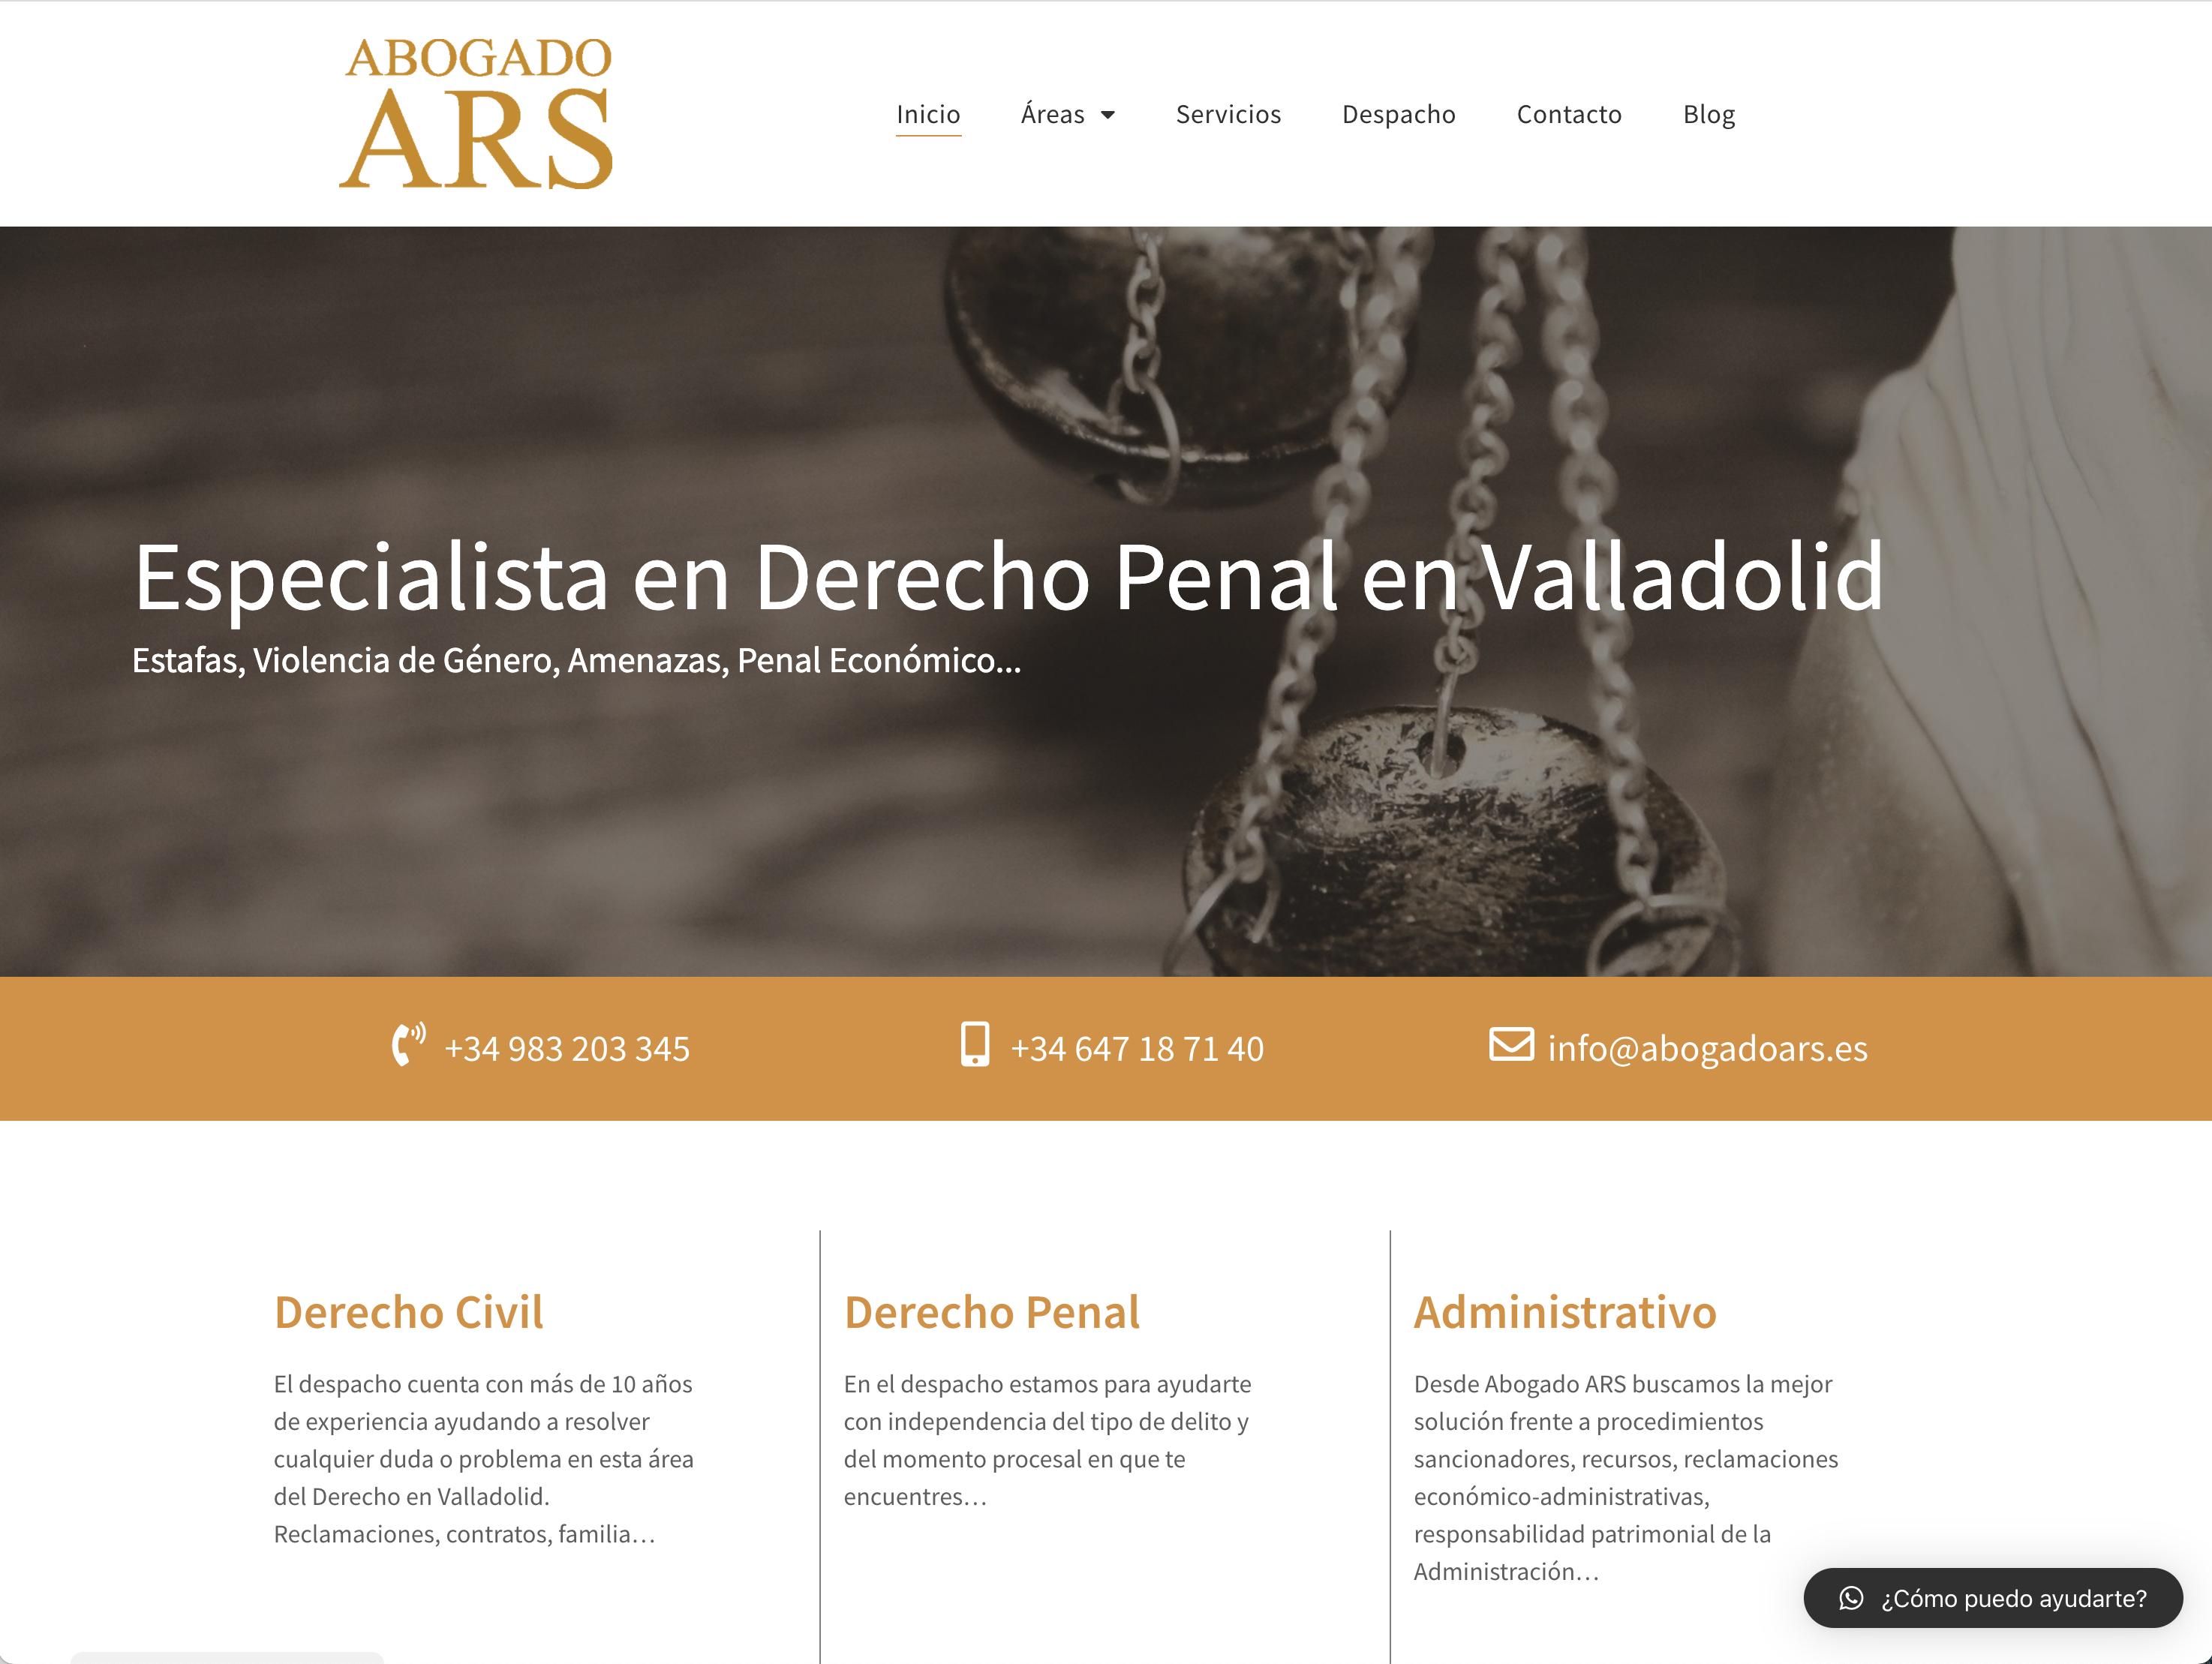 Desarrollo y optimización web - Home Abogado ARS